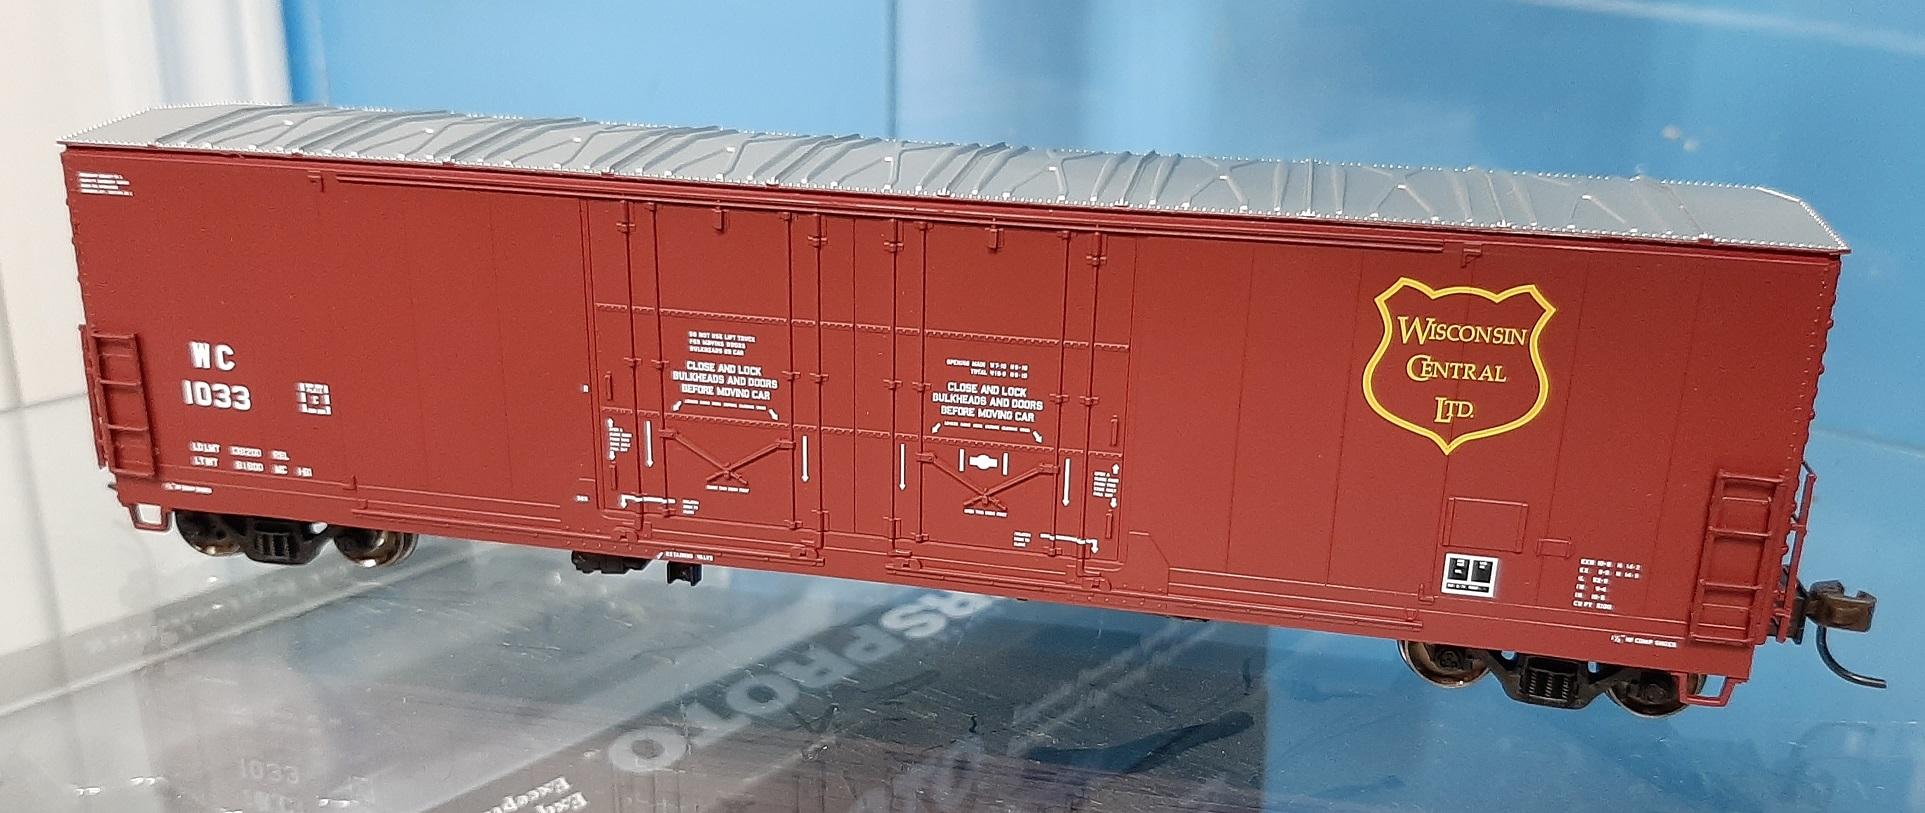 Atlas 20005420 - HO 53ft Evans Double Plug Door Boxcar - Wisconsin Central #1033